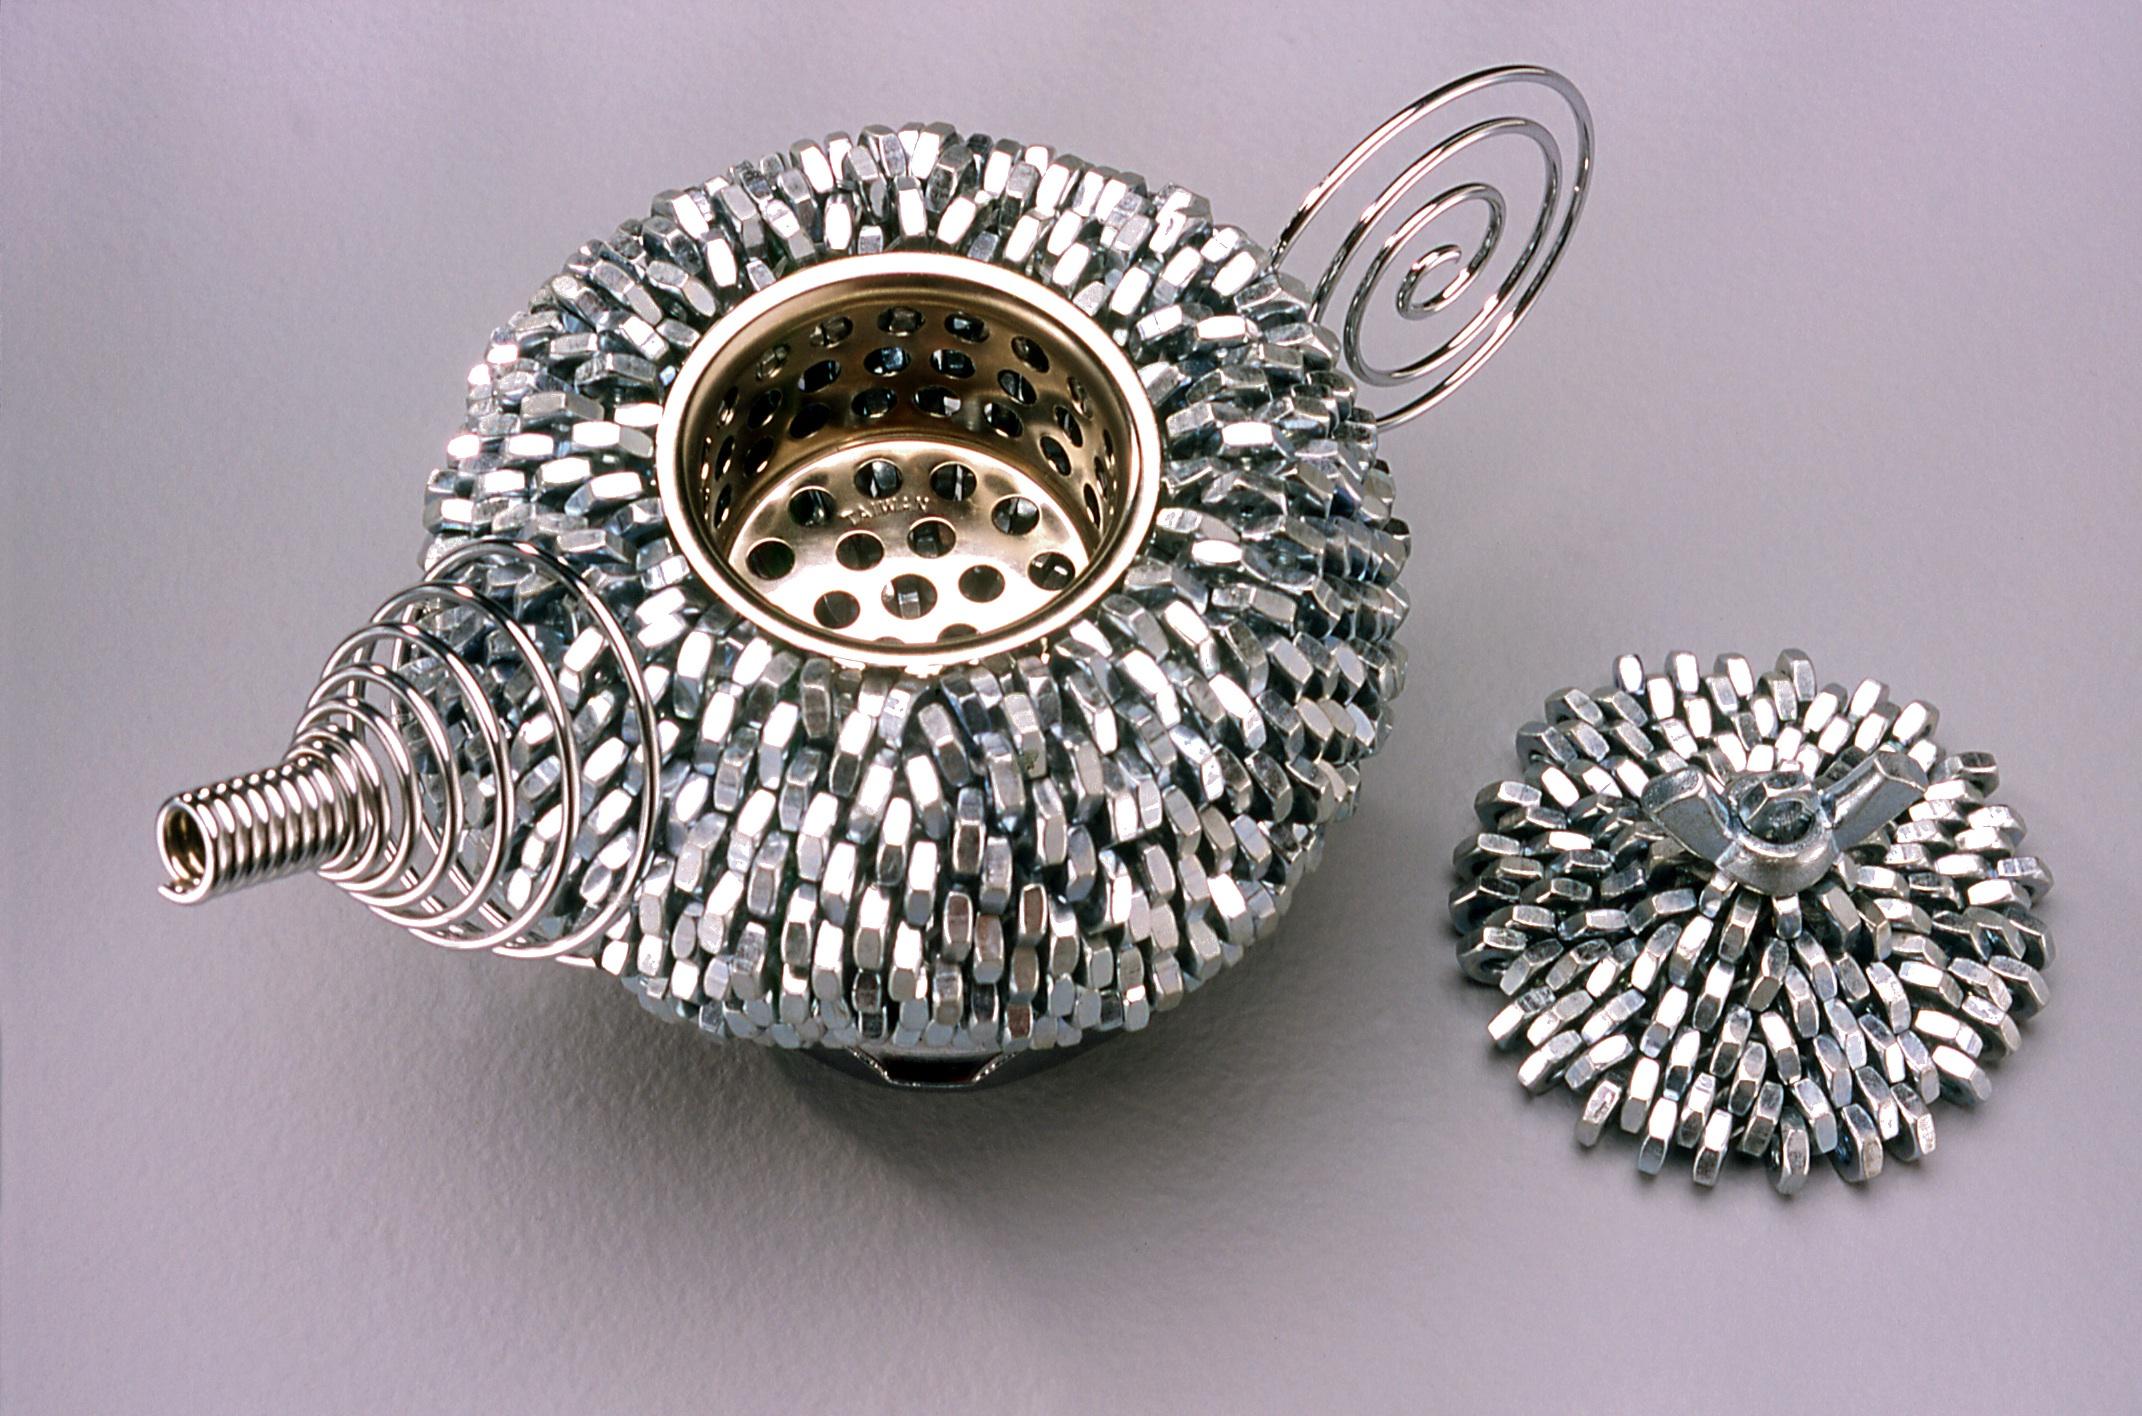 Steel Nut Teapot Detail